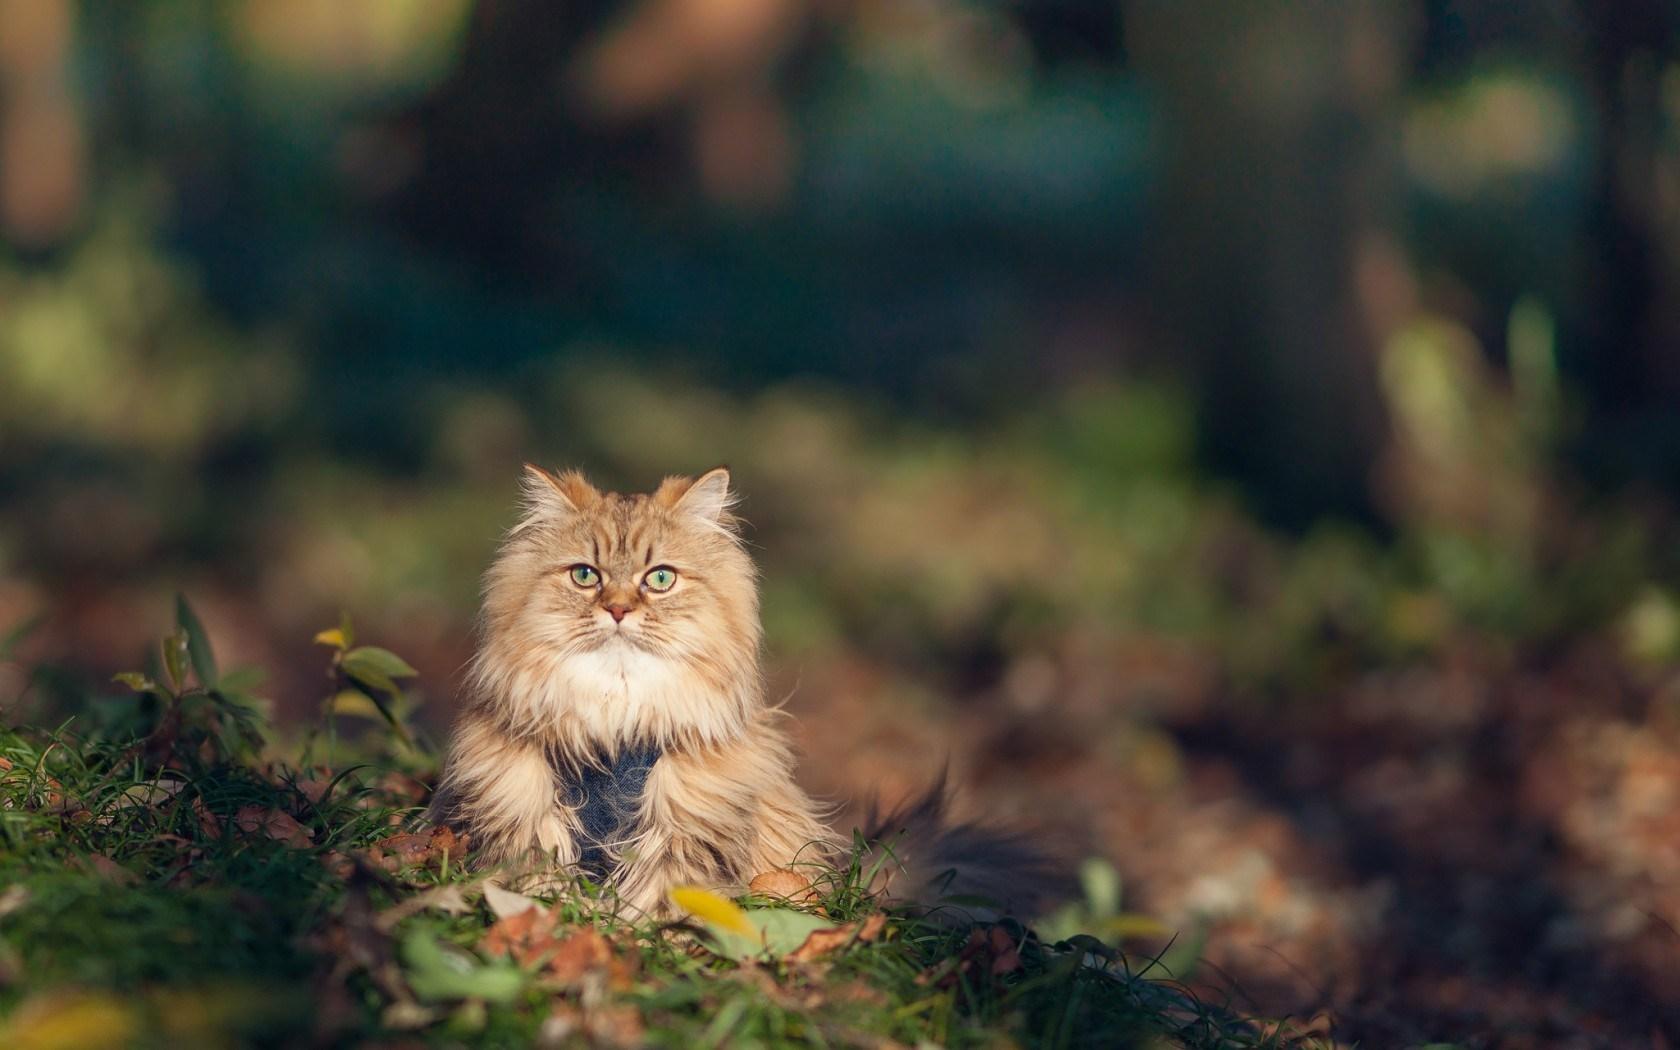 Fluffy Kitten Nature HD Wallpaper